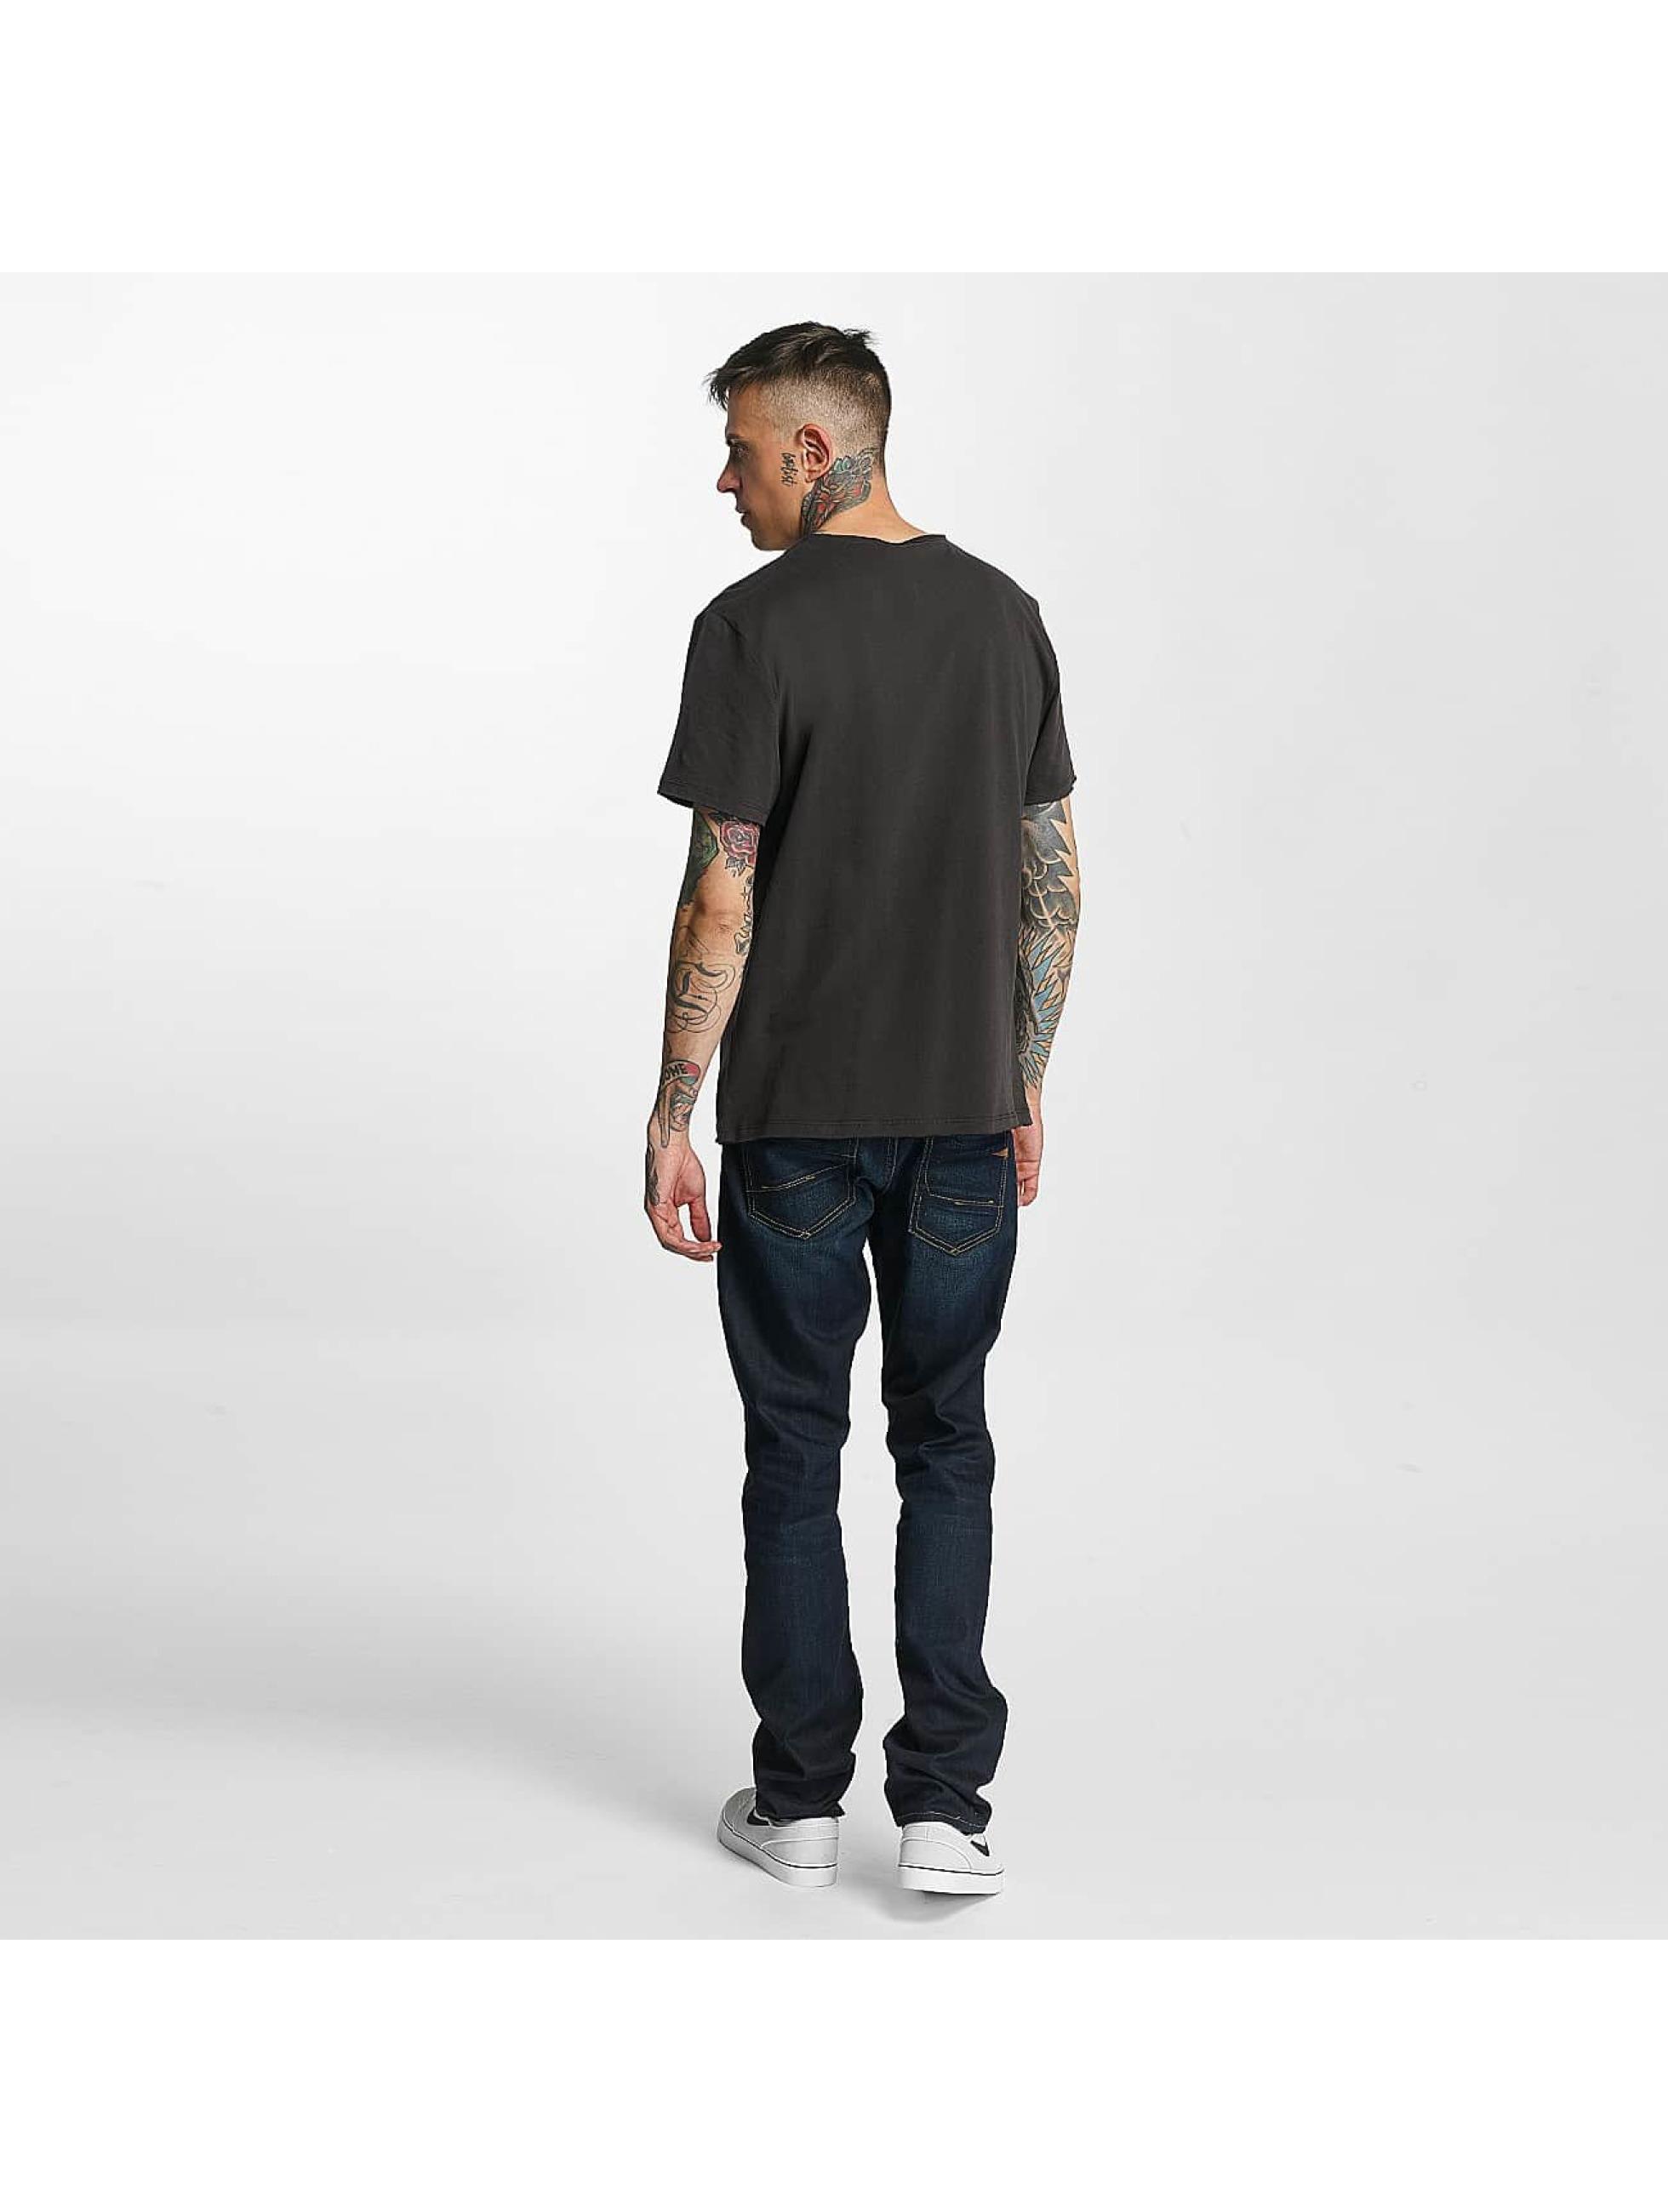 Amplified T-Shirt Run DMC Silhouette grau